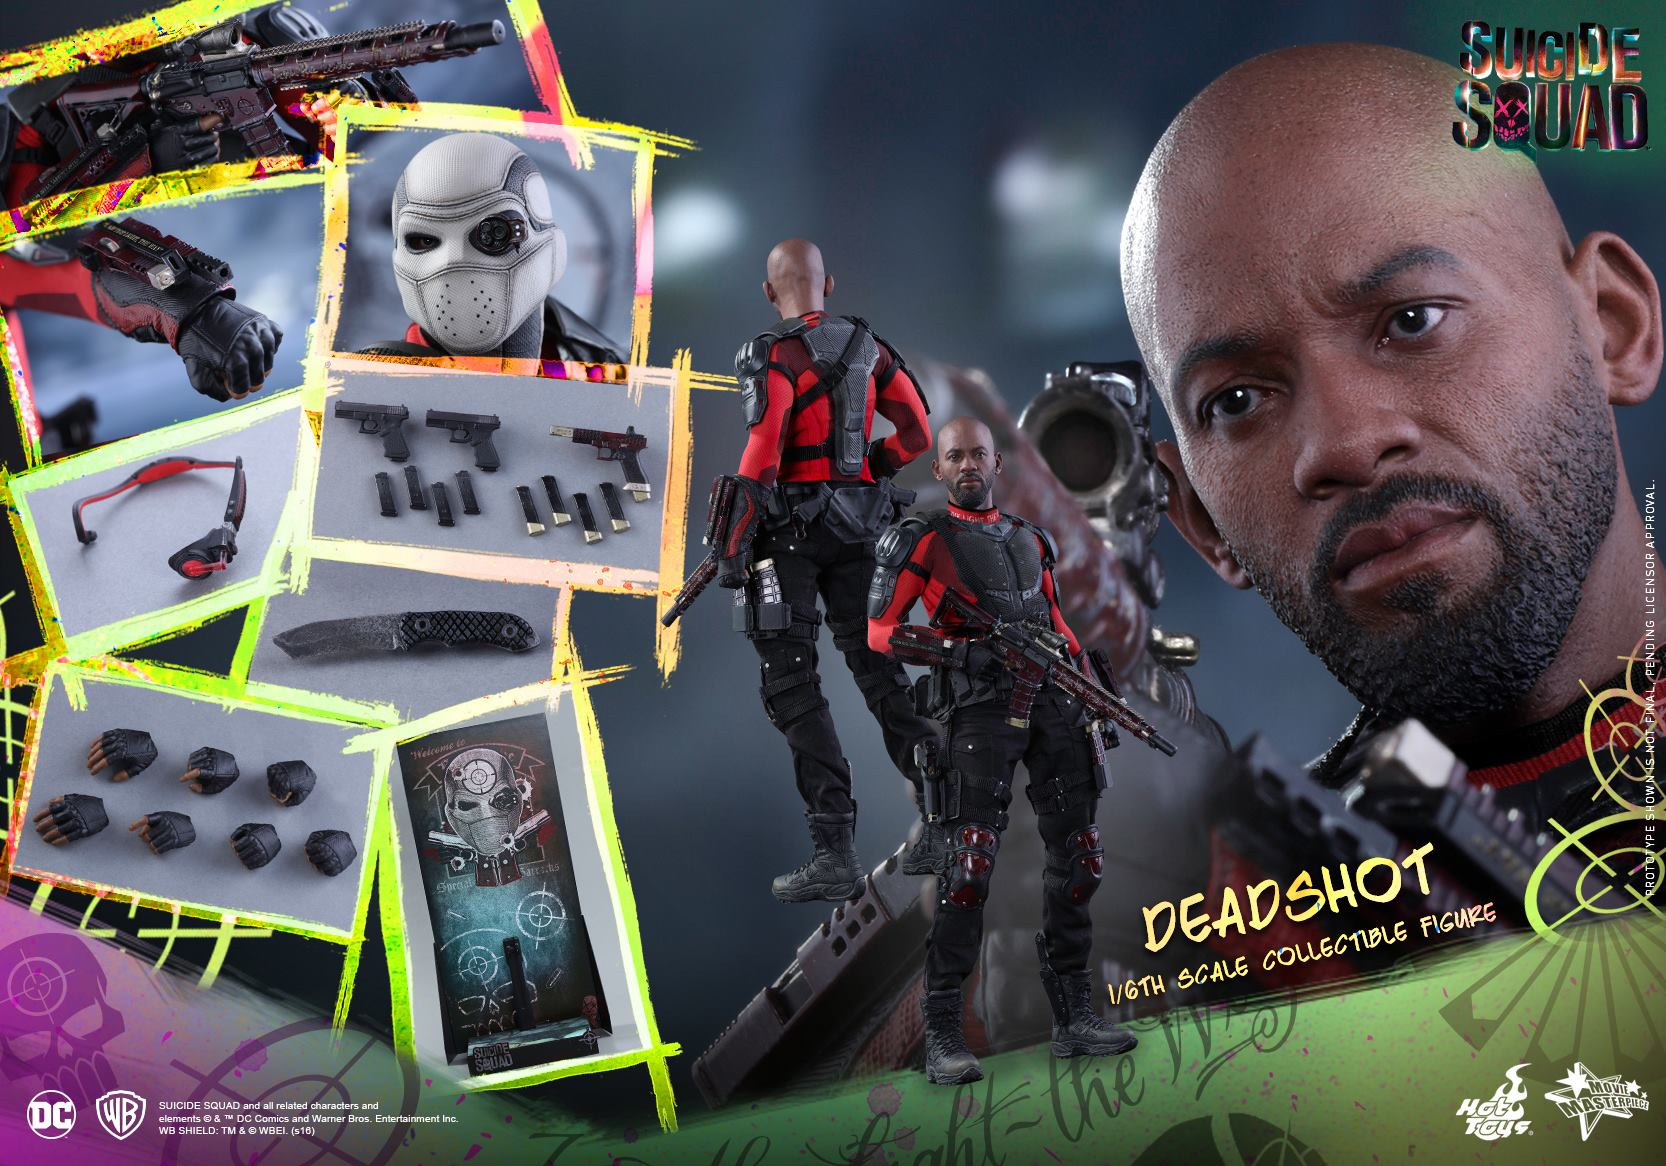 Hot-Toys-Suicide-Squad-Deadshot-21